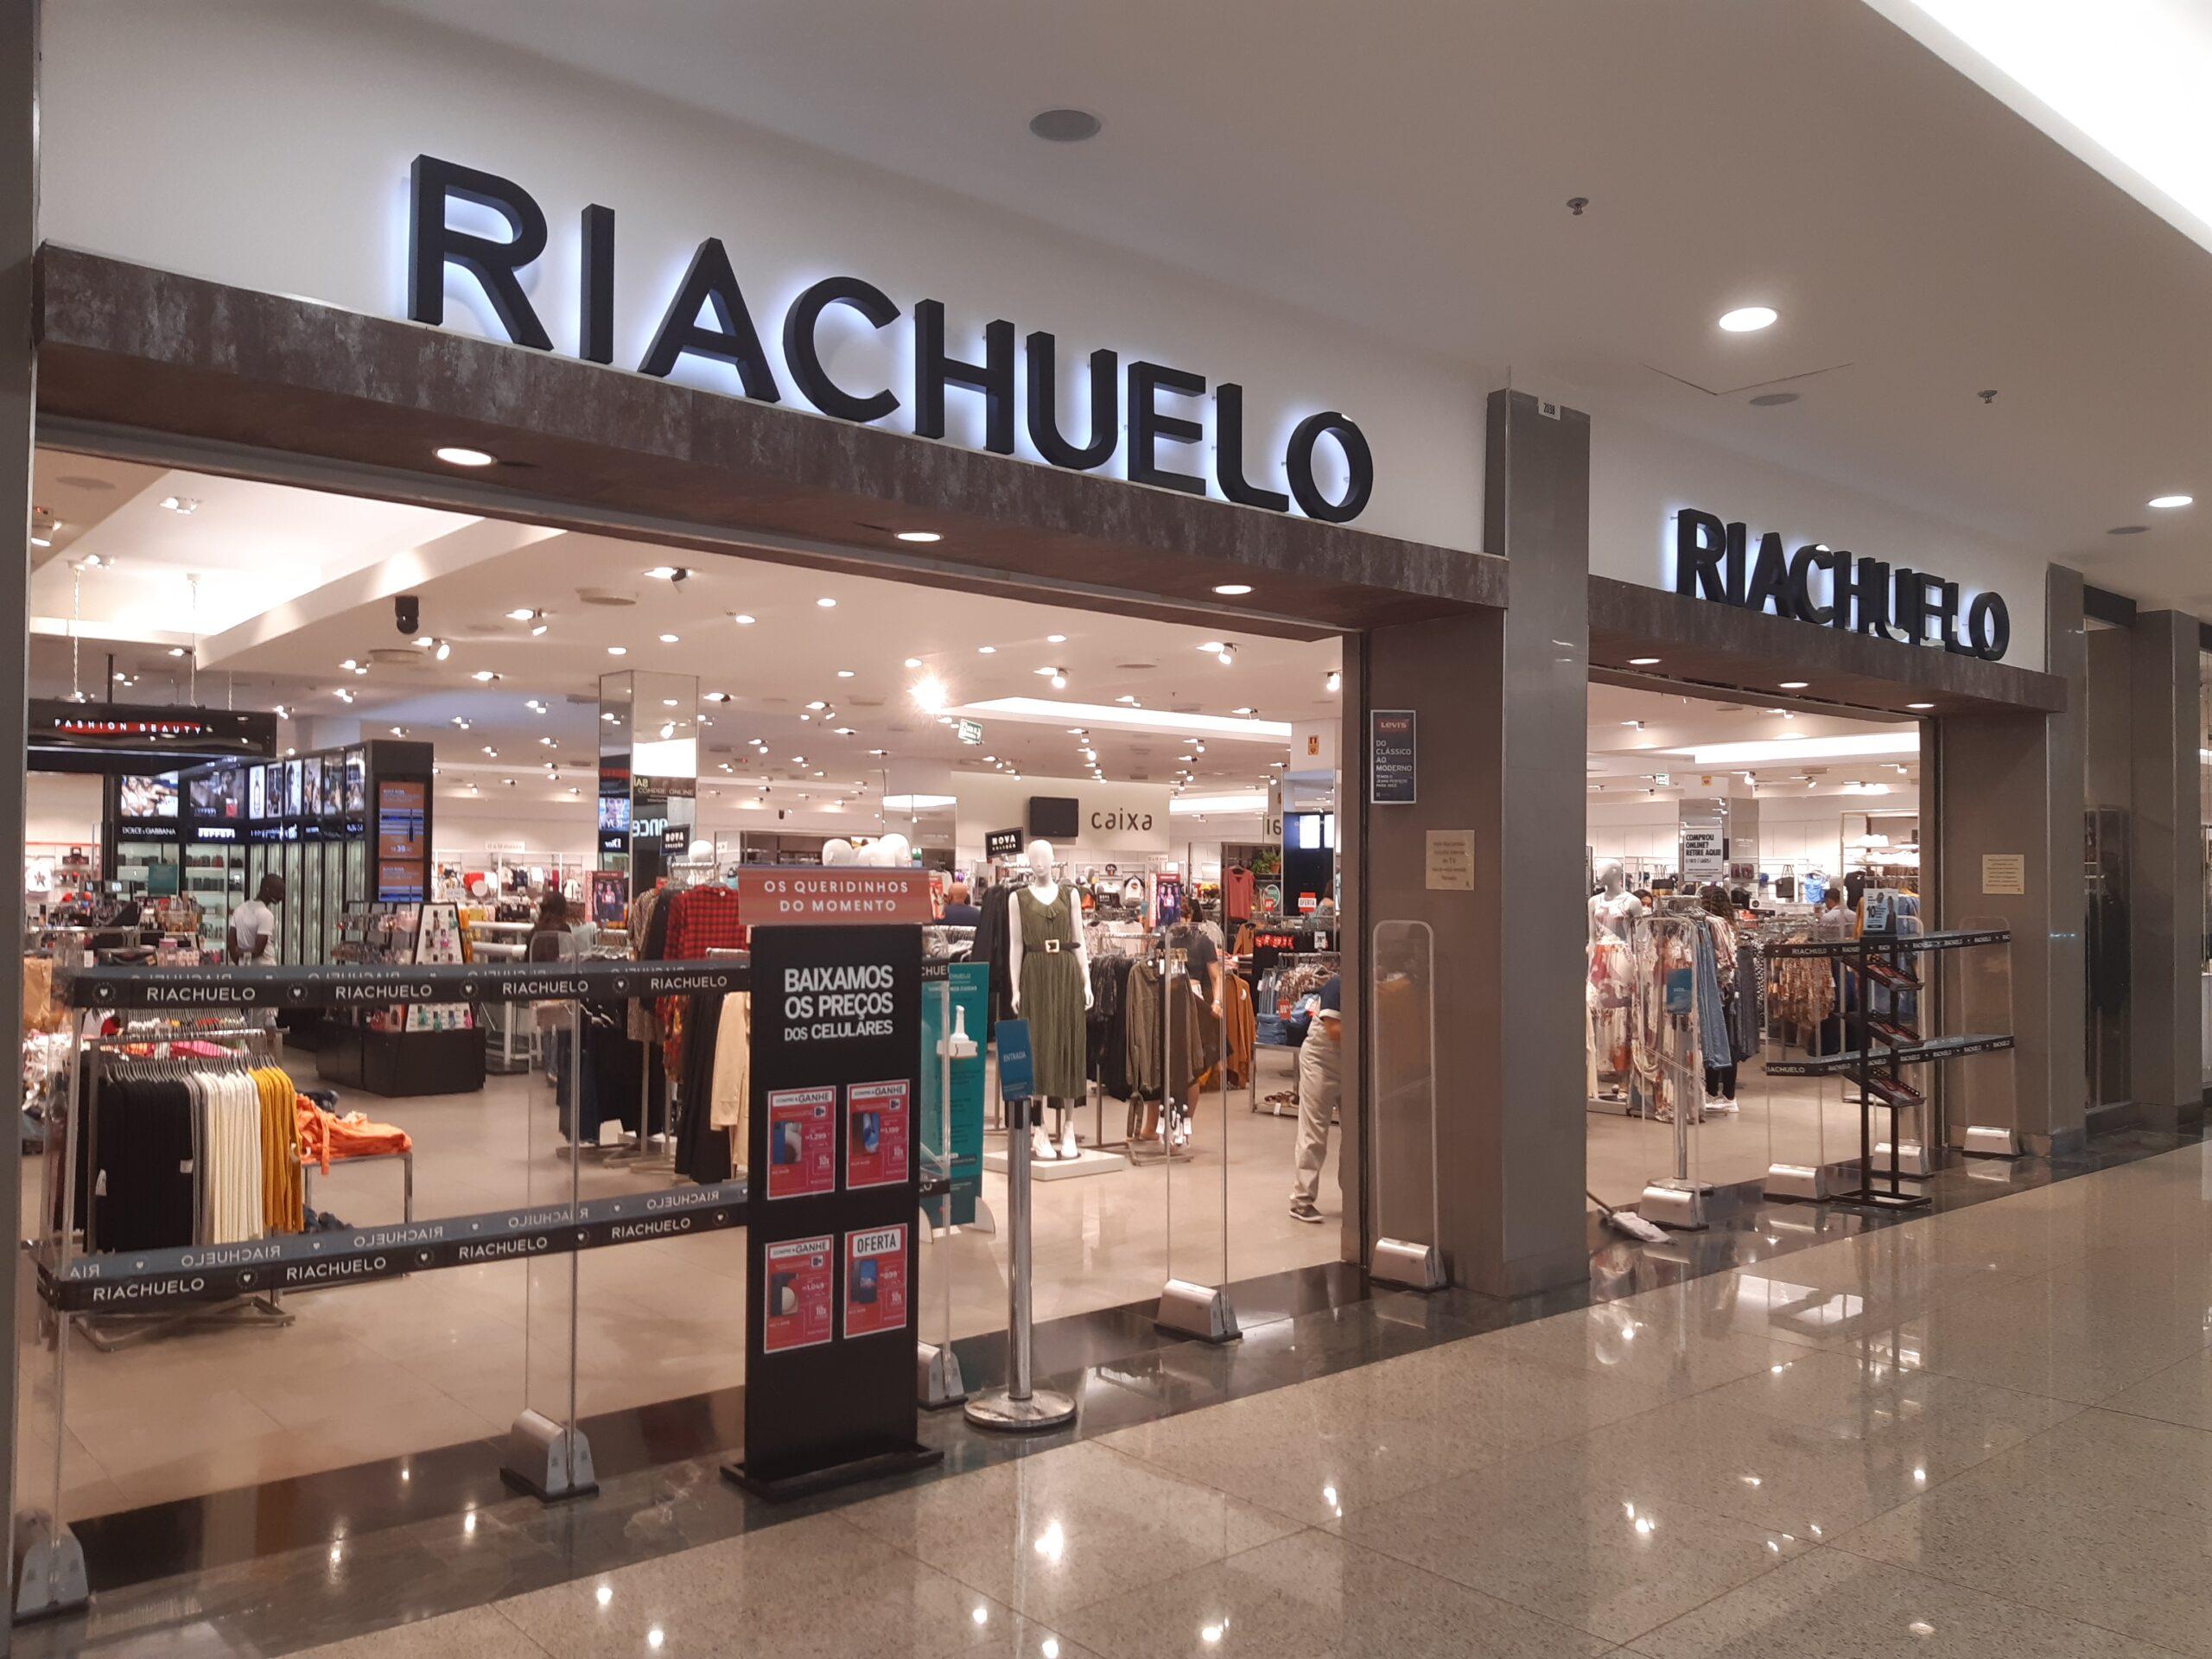 Riachuelo do Taguatinga Shopping, Comércio Brasilia